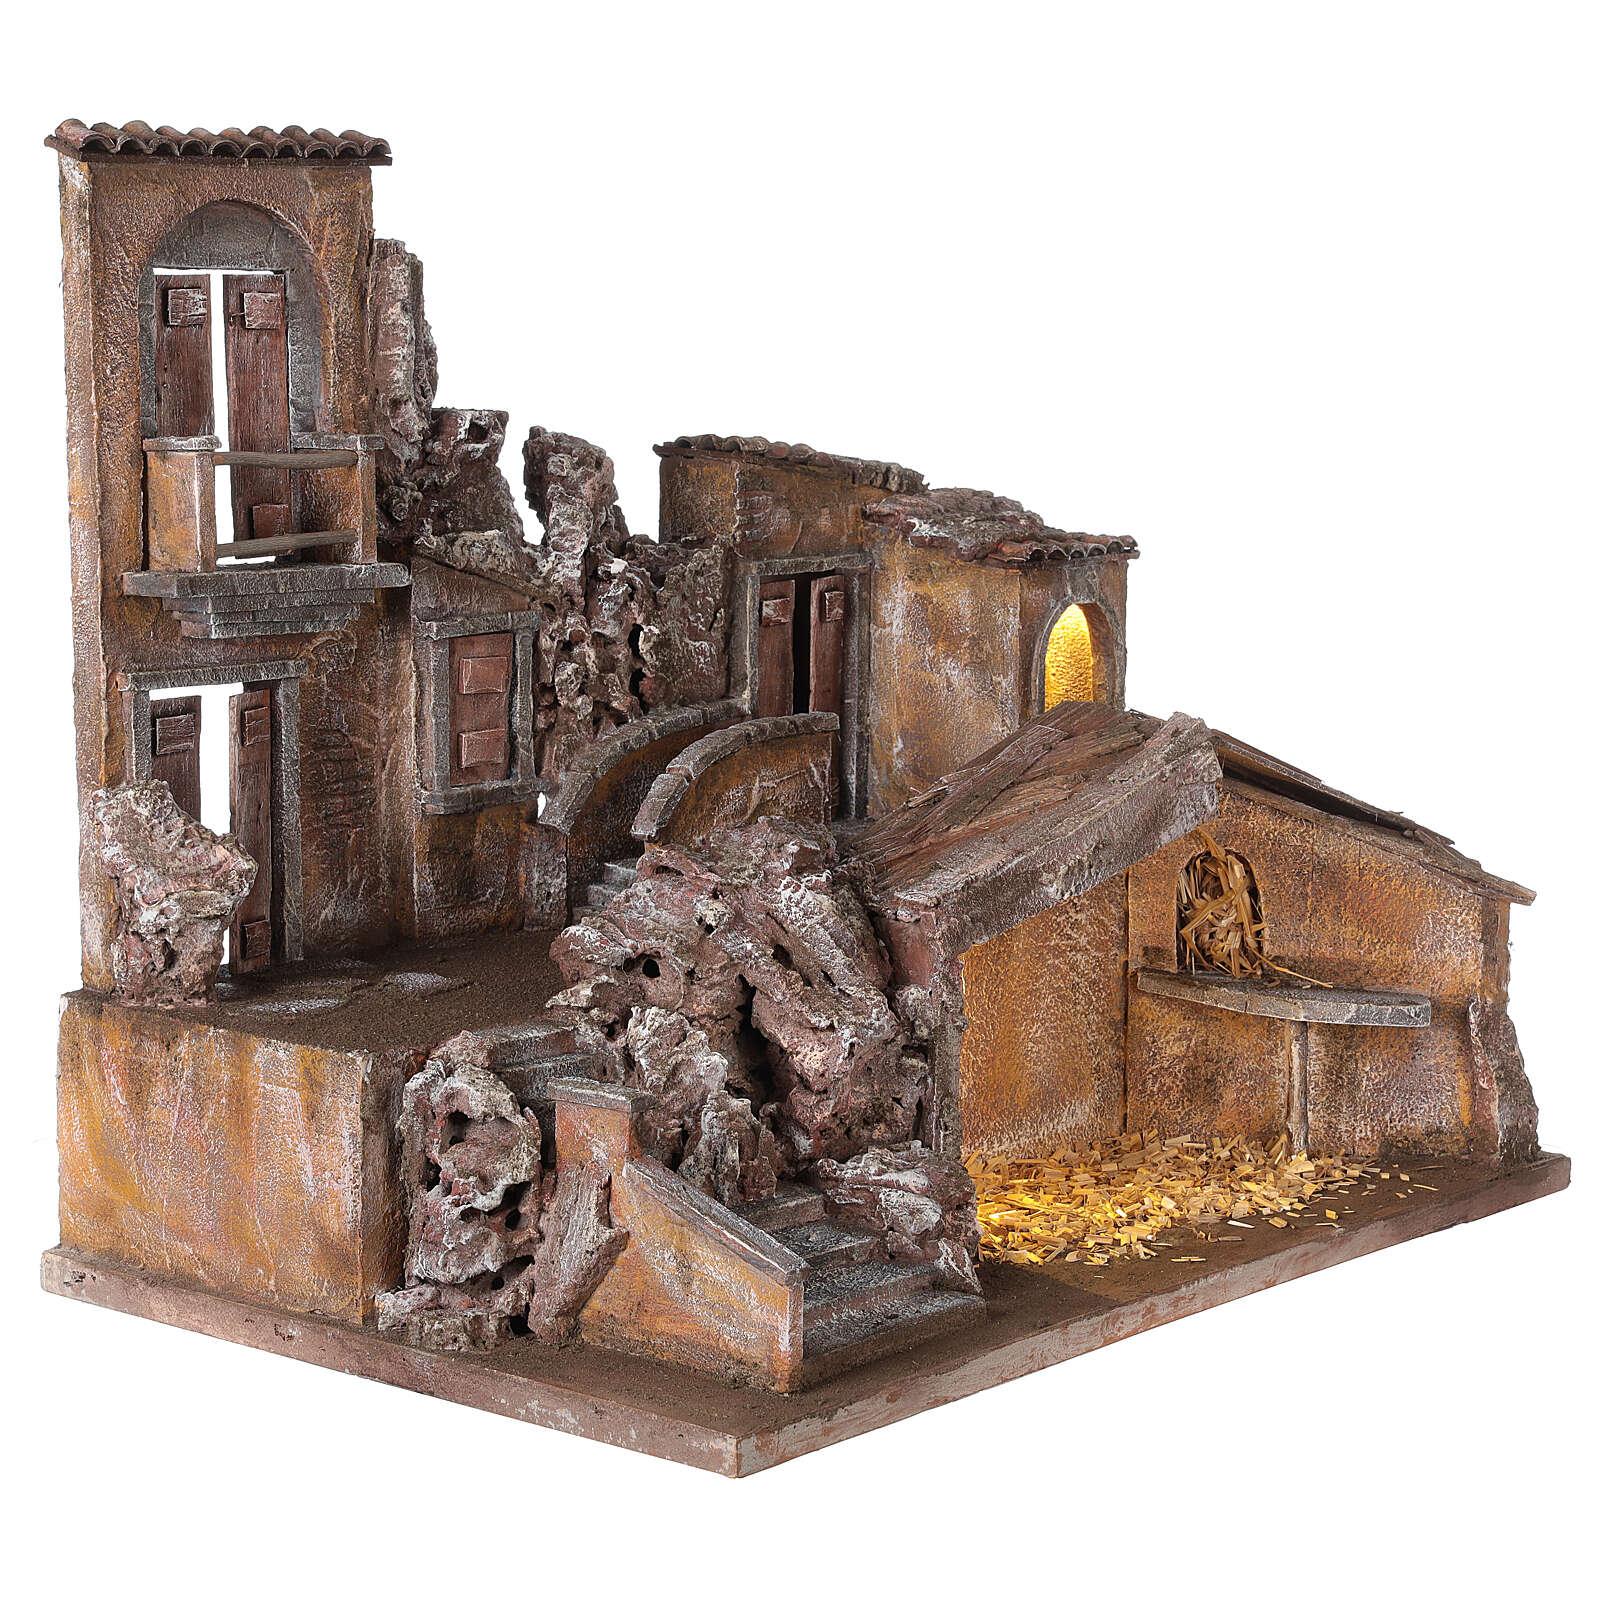 Borgo presepe illuminato con stalla 50x60x40 per statue 12 cm 4